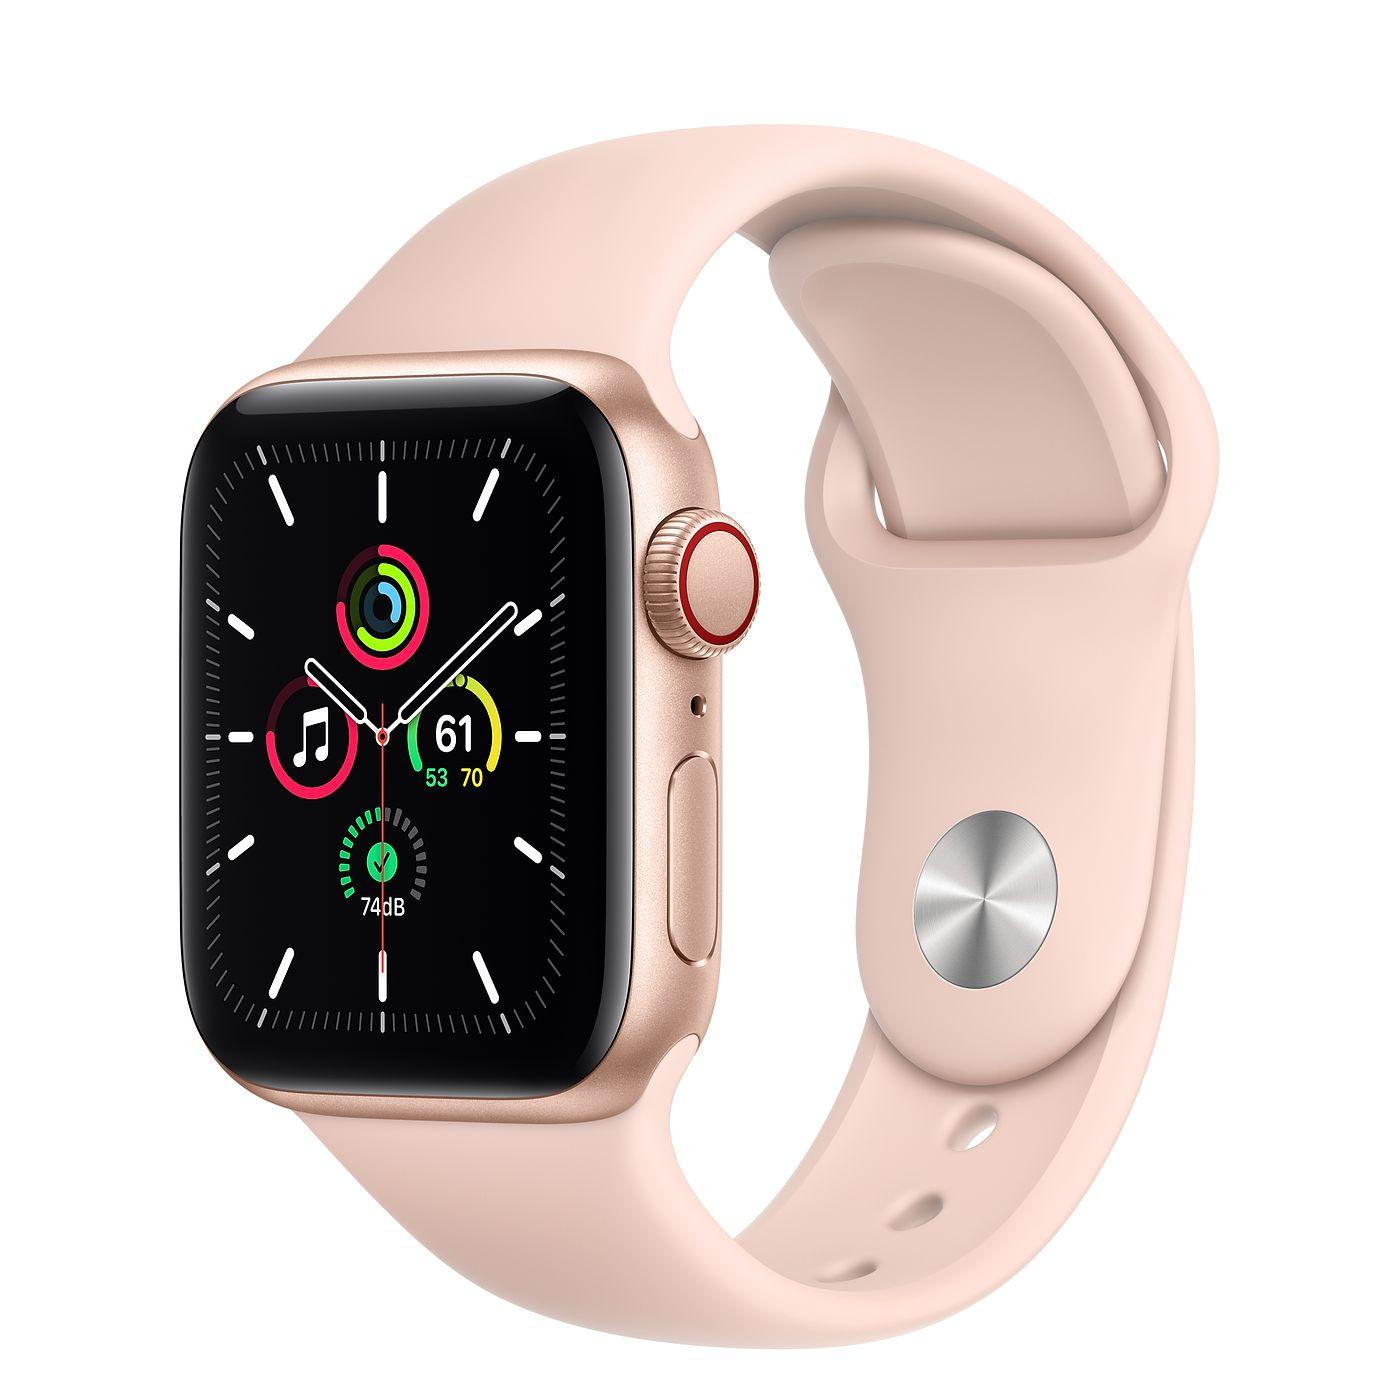 Apple 2020년 애플워치 SE, GPS+Cellular, 골드 알루미늄 케이스, 핑크 샌드 스포츠 밴드